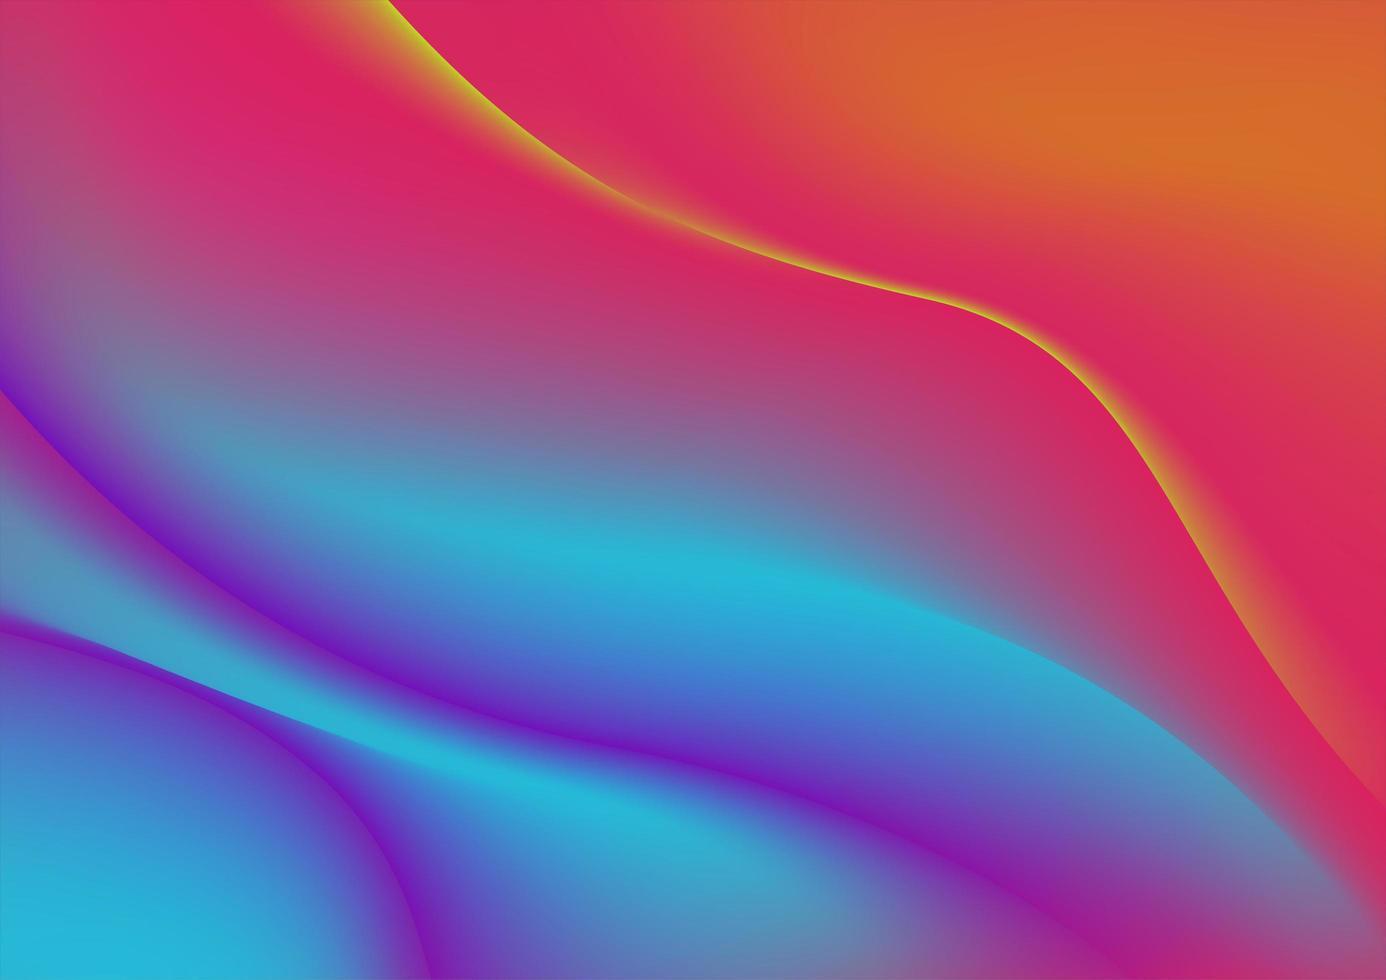 tissu déformé coloré abstrait vecteur